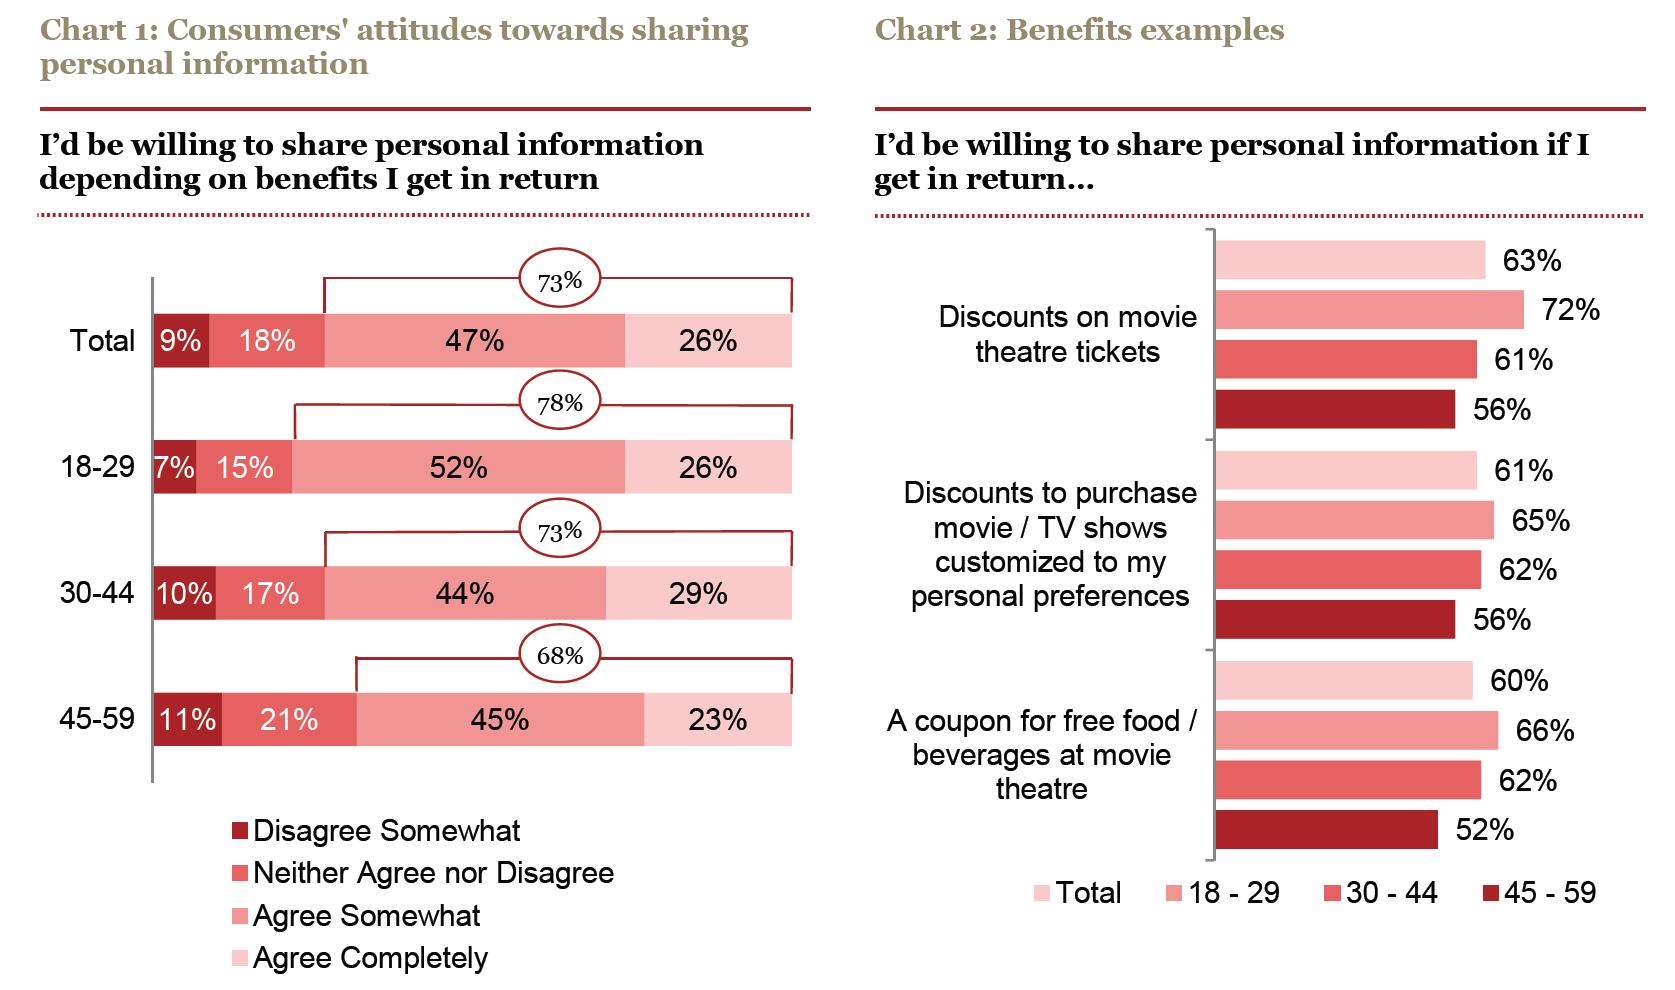 Consumers' Attitudes